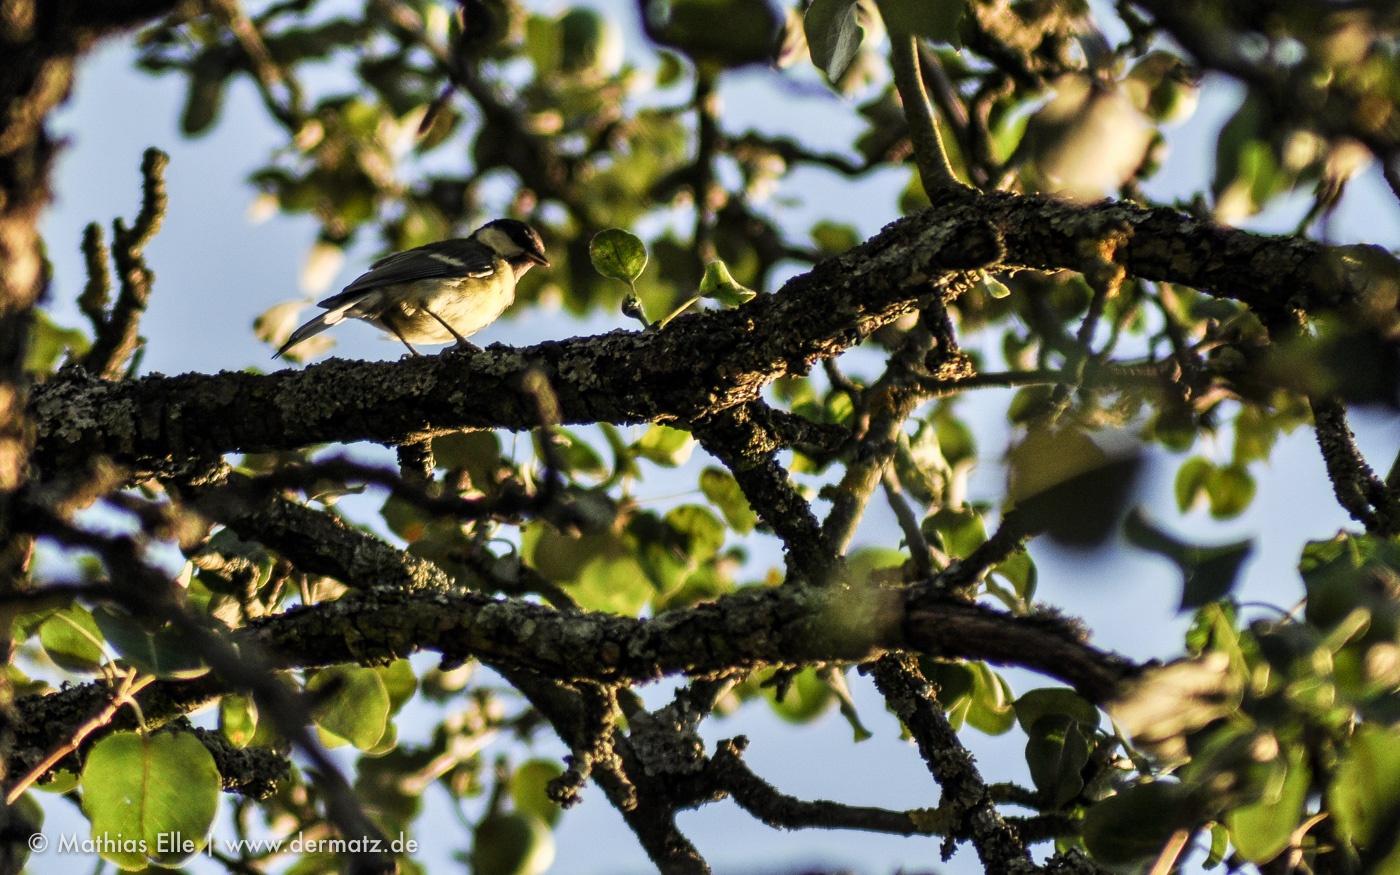 Meise im Apfelbaum